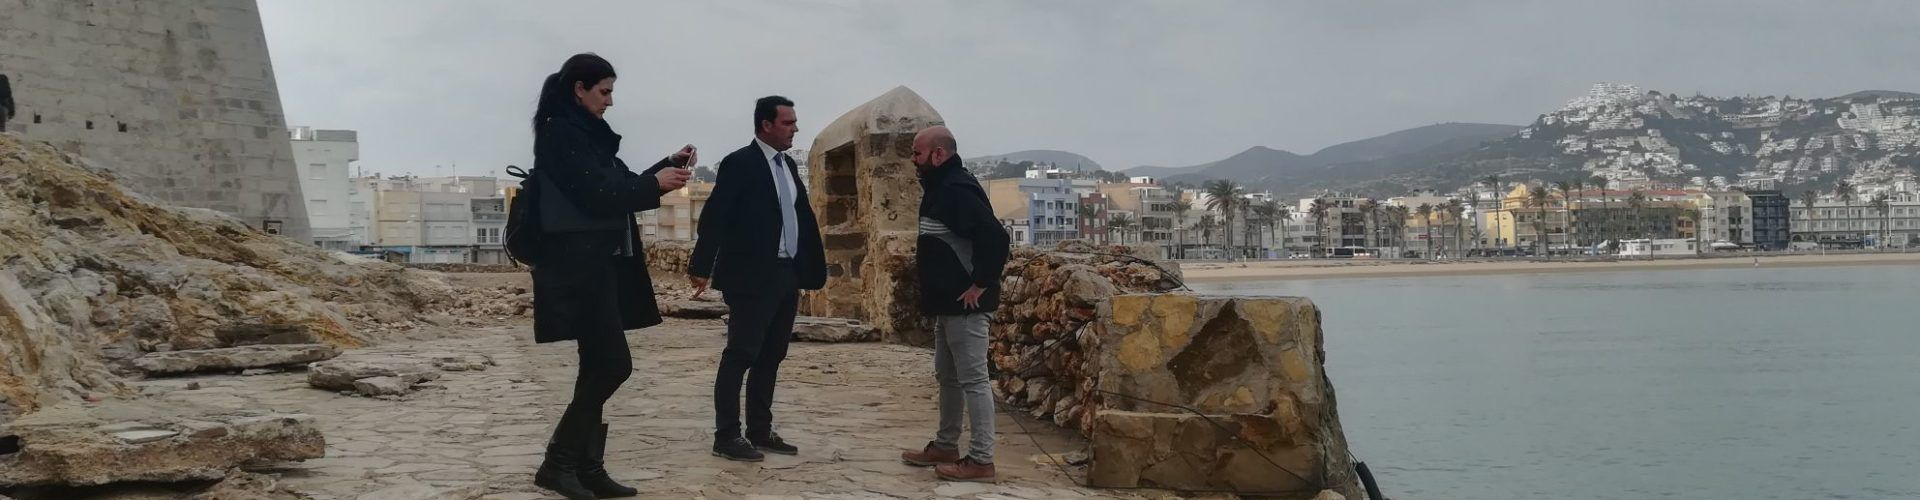 L'Ajuntament de Peníscola sol·licita la col·laboració de la Generalitat en la reparació de la zona de la Porteta